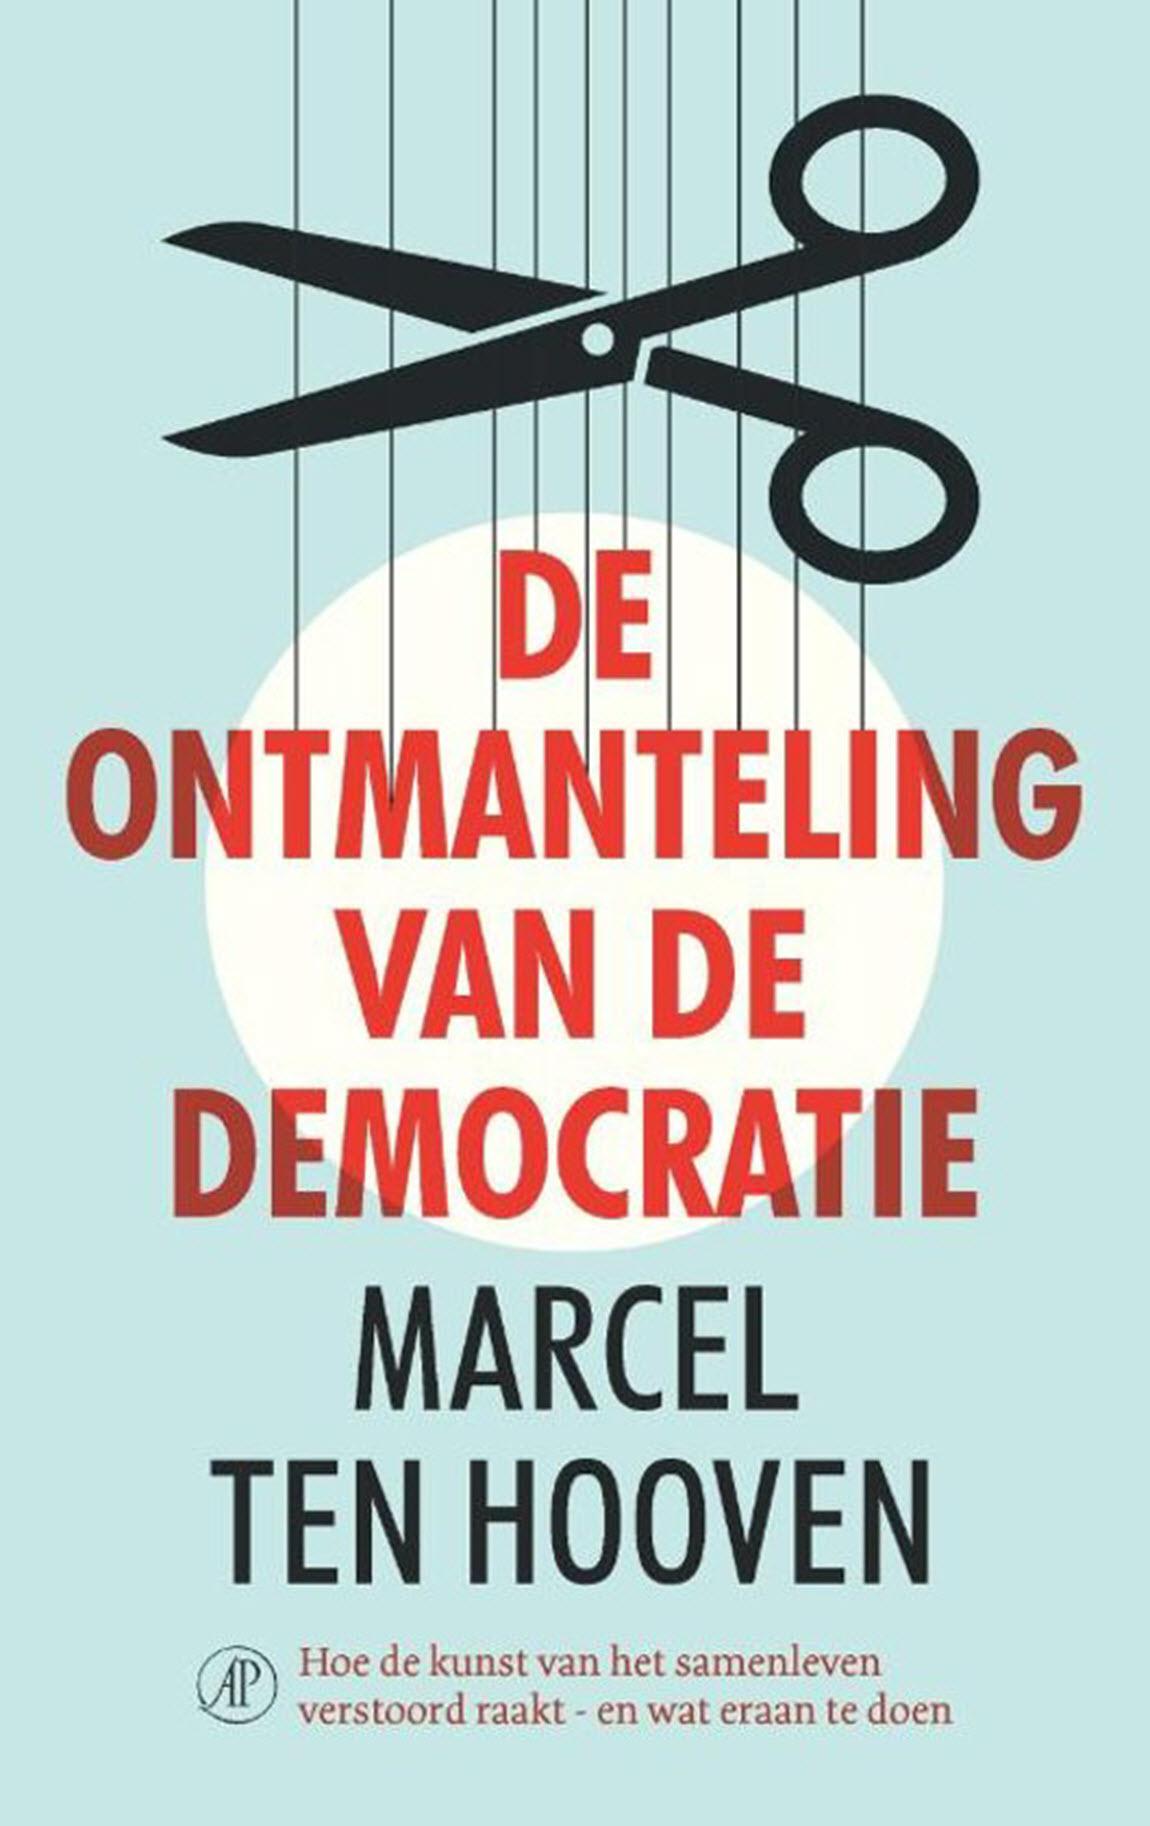 De ontmanteling van de Democratie - Marcel ten Hooven